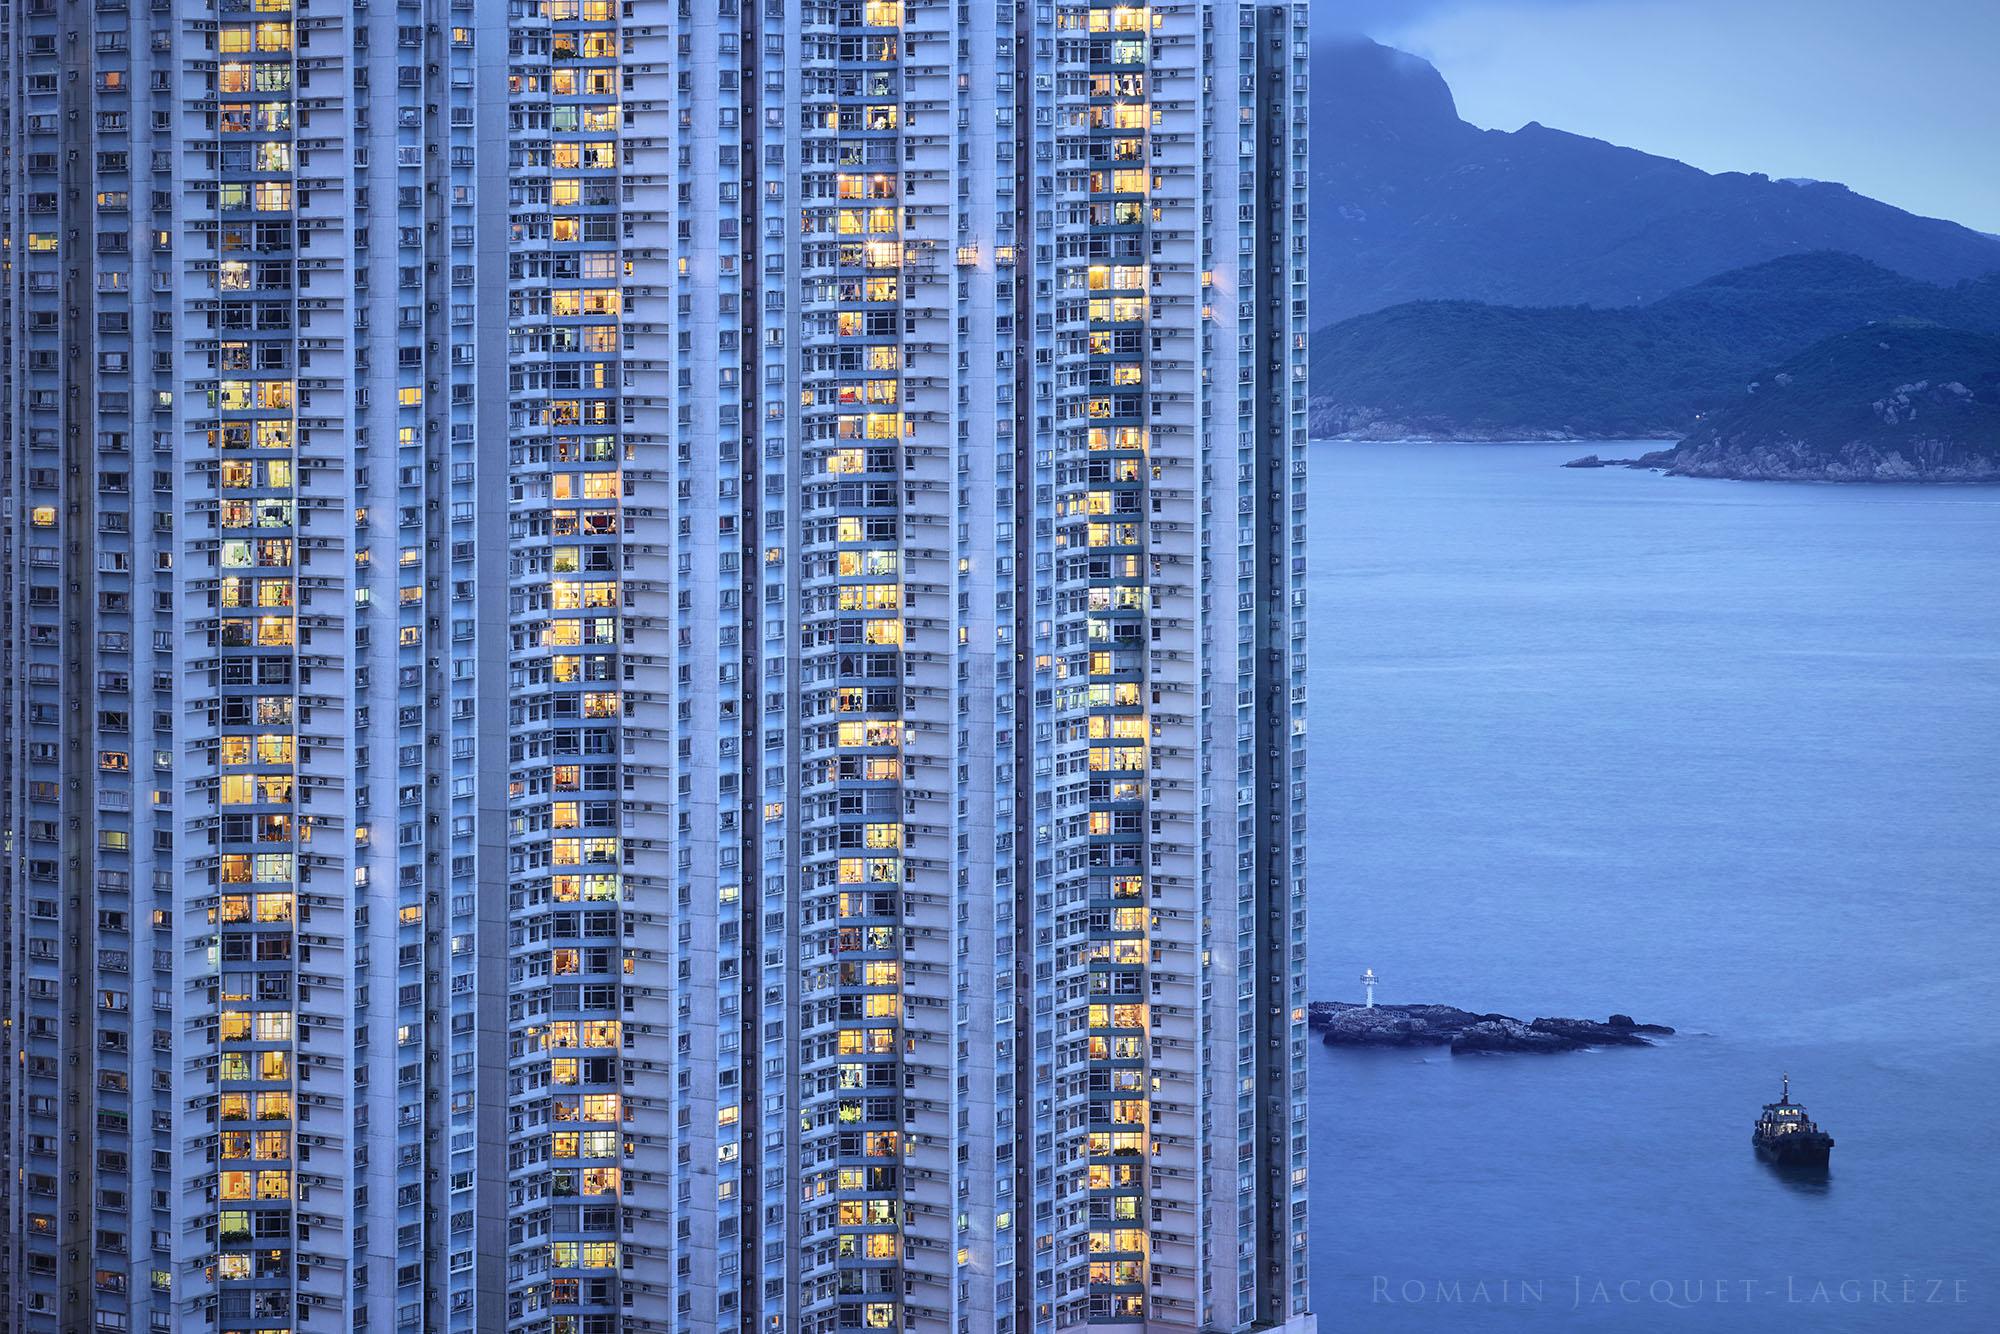 © Romain Jacquet-Lagrèze, 'The Blue Moment' #6, Hong Kong 2015